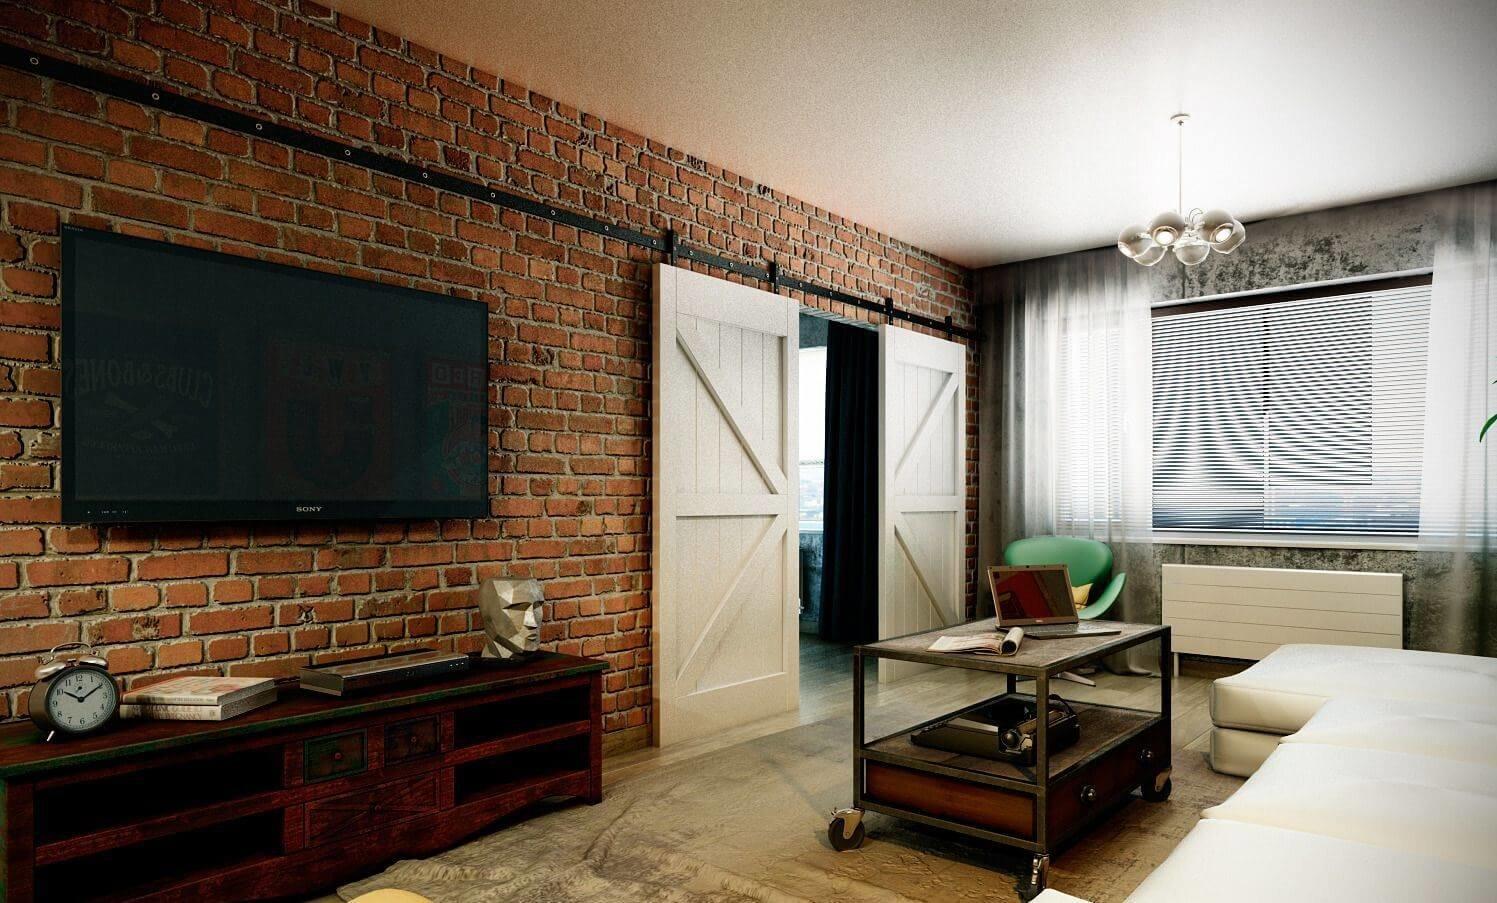 Широкие дверные проемы создадут атмосферу легкости и свободы, пропуская свет и обеспечивая свободную циркуляцию воздуха в помещении.